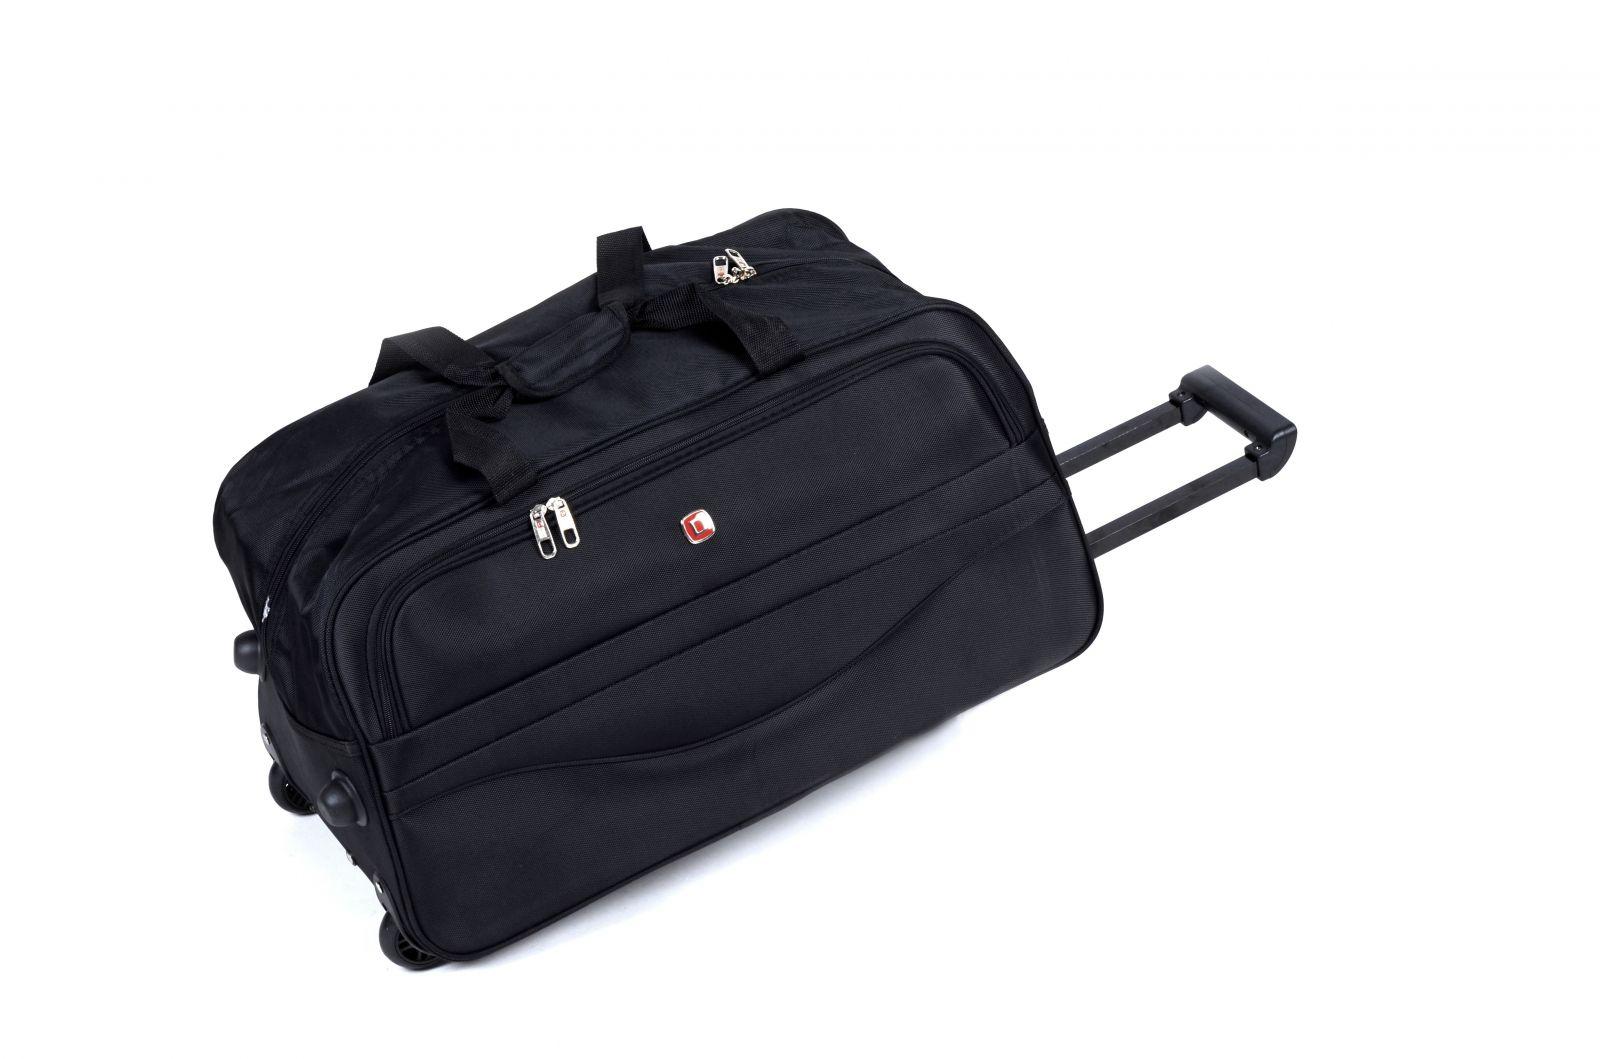 Cestovní taška na kolečkách GLORY velká černá E-batoh